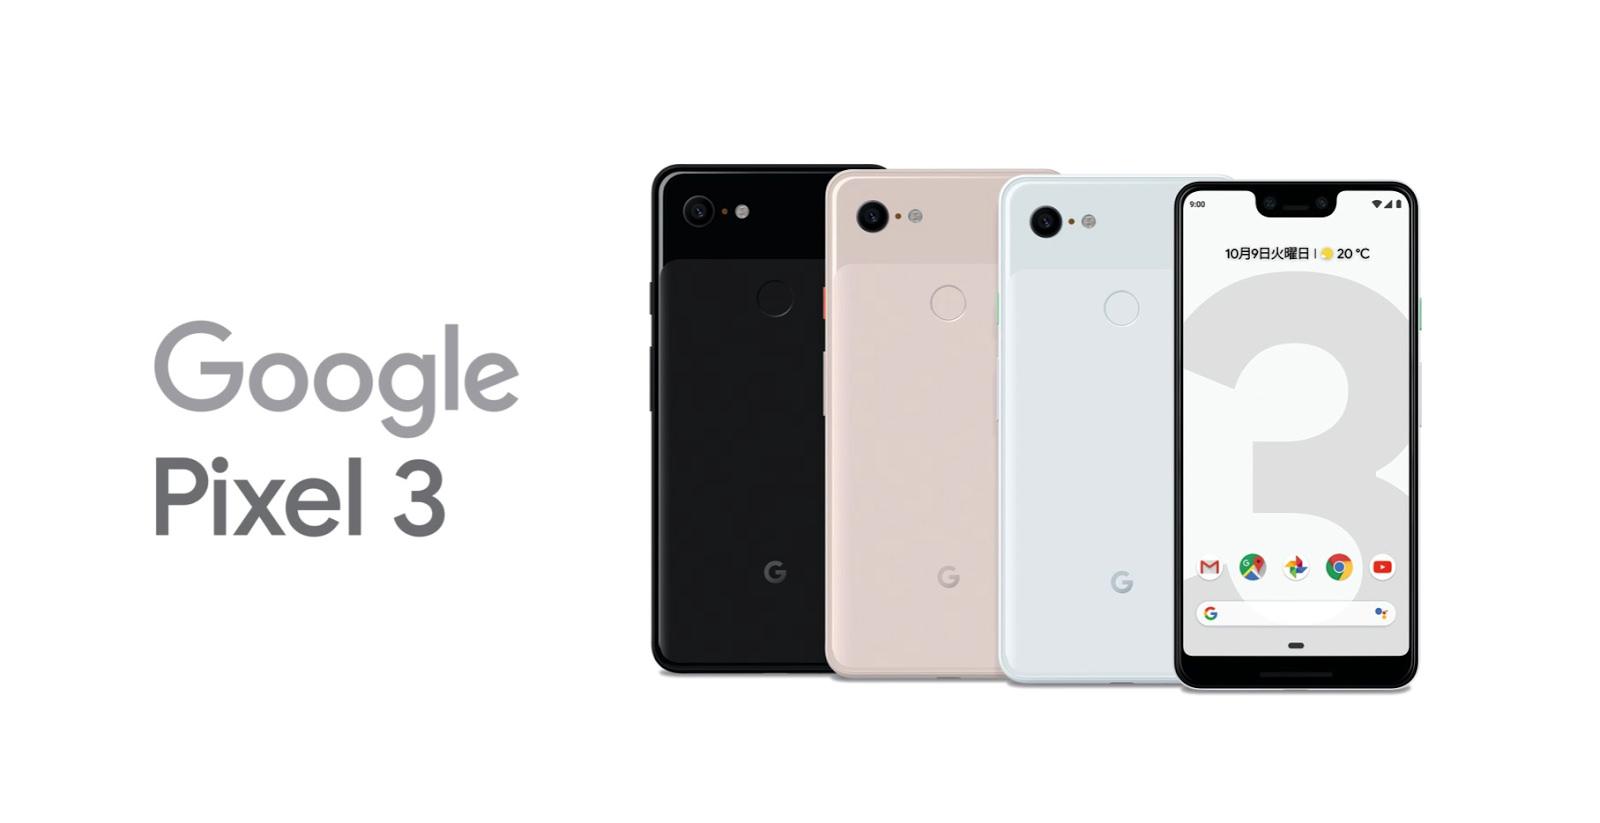 【5分でわかる】Google「Pixel 3」の凄さを簡単にまとめたよ